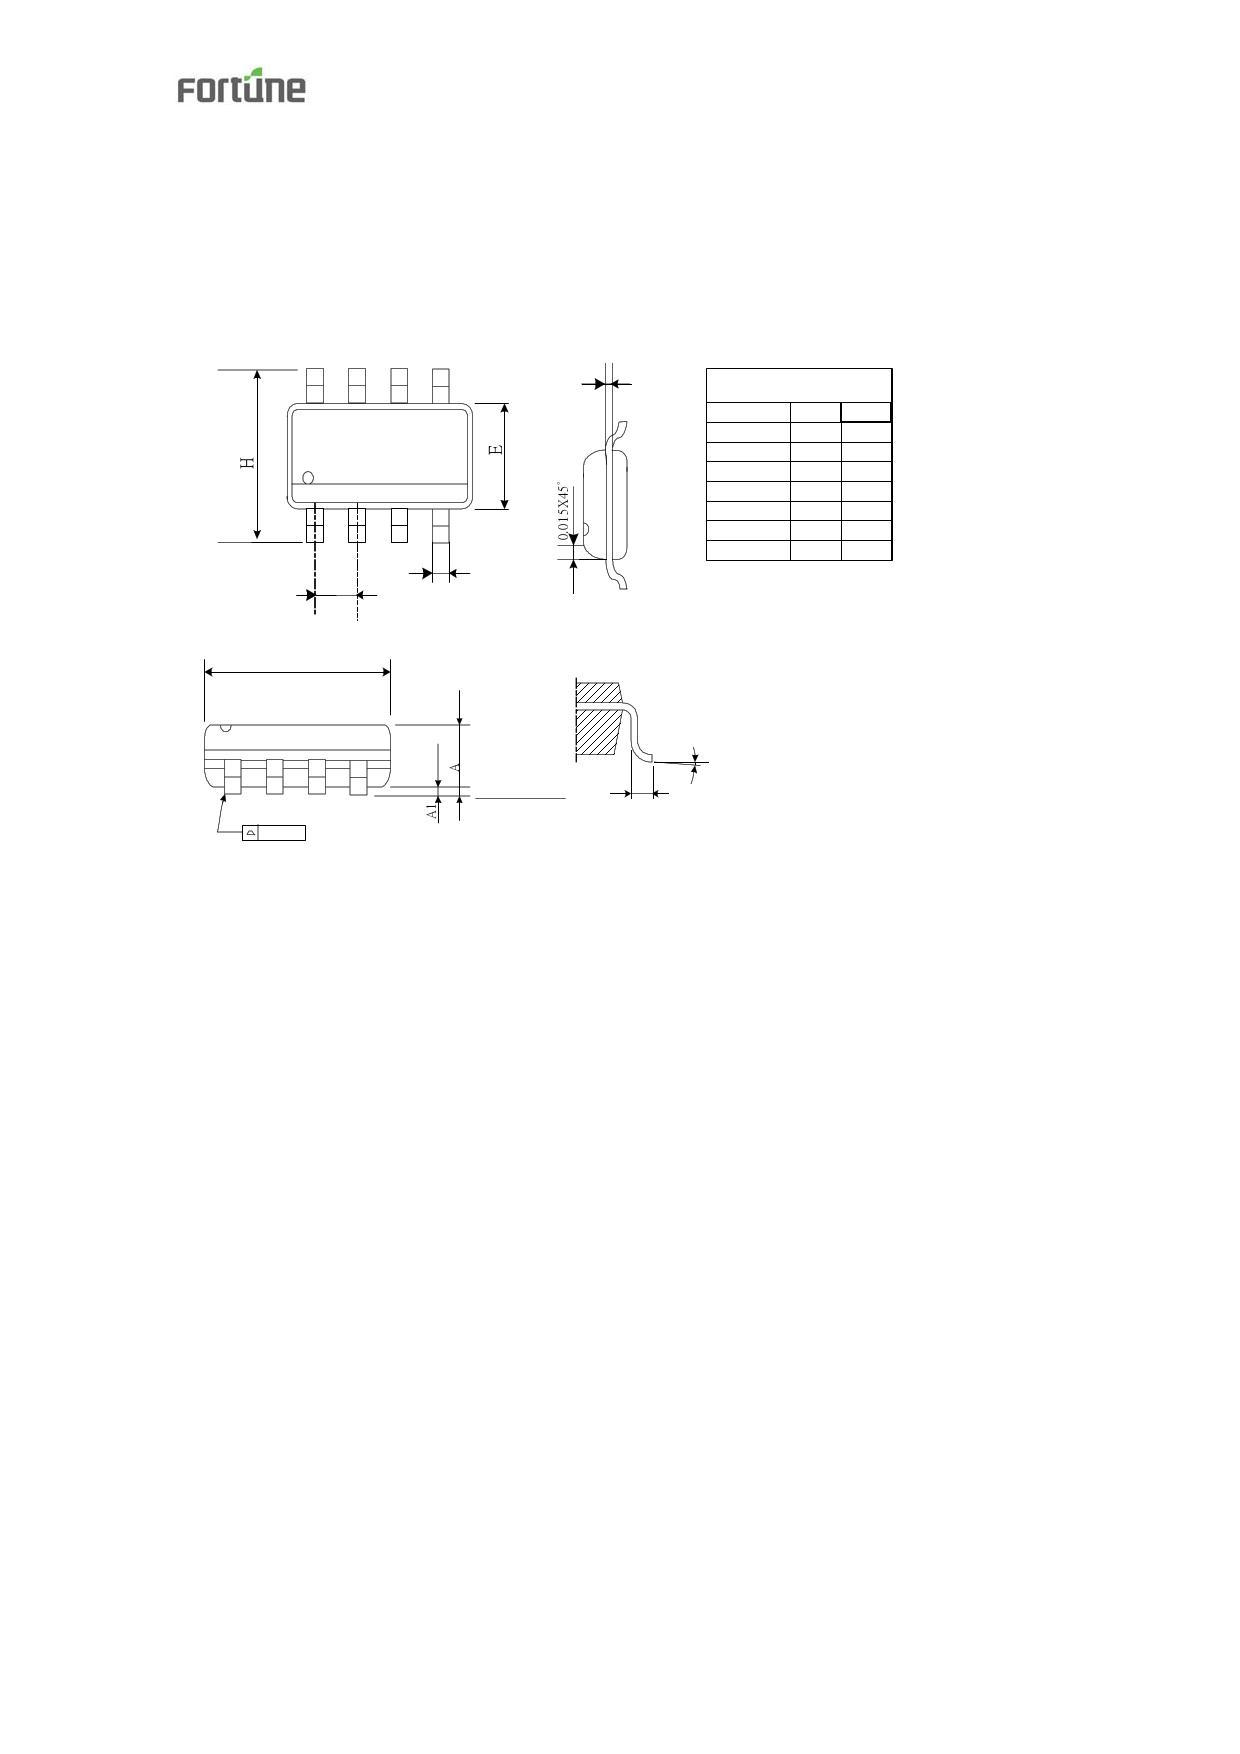 FS8802 arduino